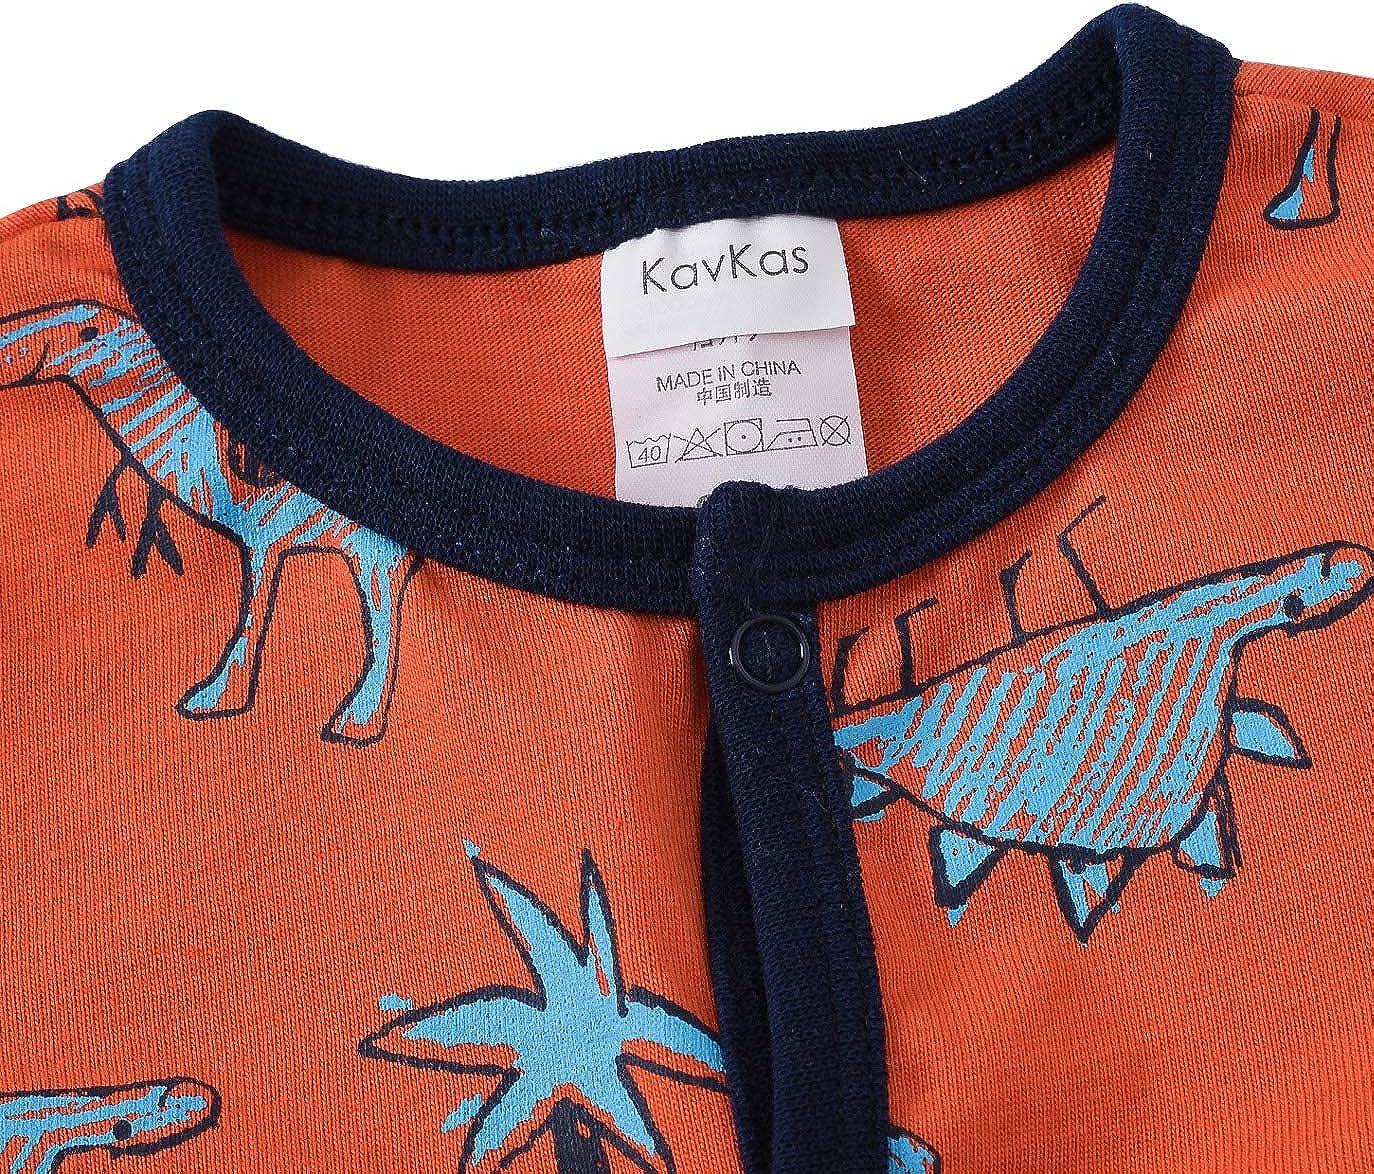 0-12 Mesi 100/% Cotone kavkas Confezione da 3 Pezzi Motivo: Dinosauro Pagliaccetto Pigiama per Neonato